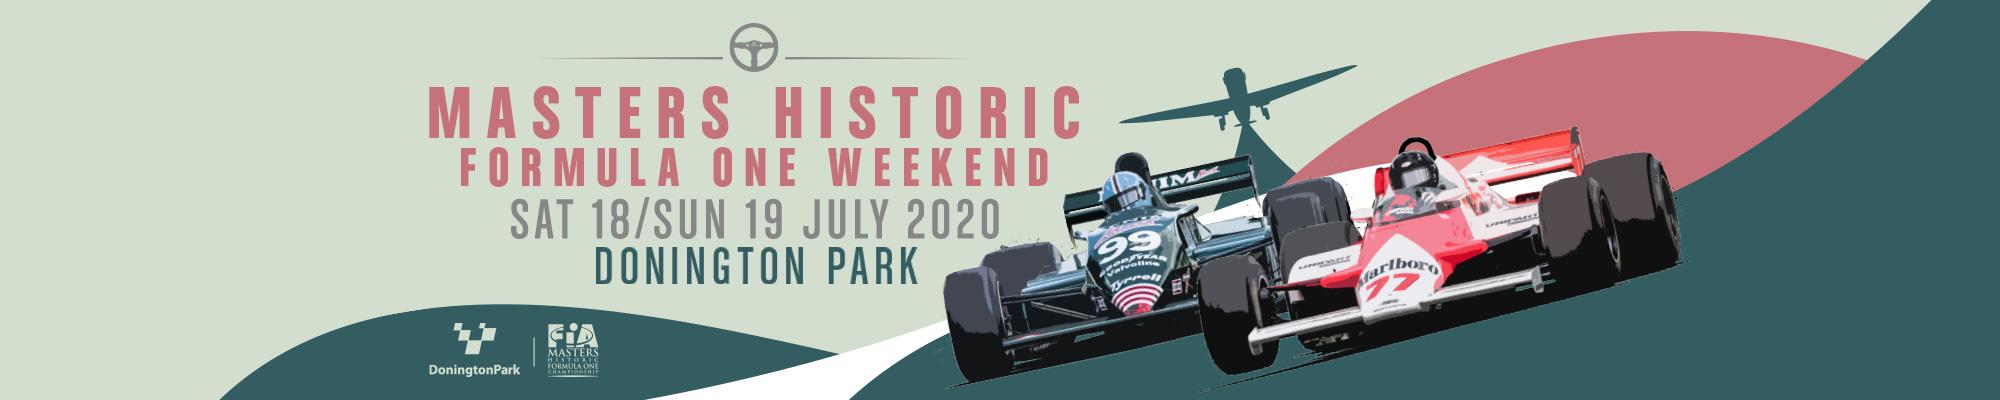 Masters Historic Formula One Weekend - POSTPONED